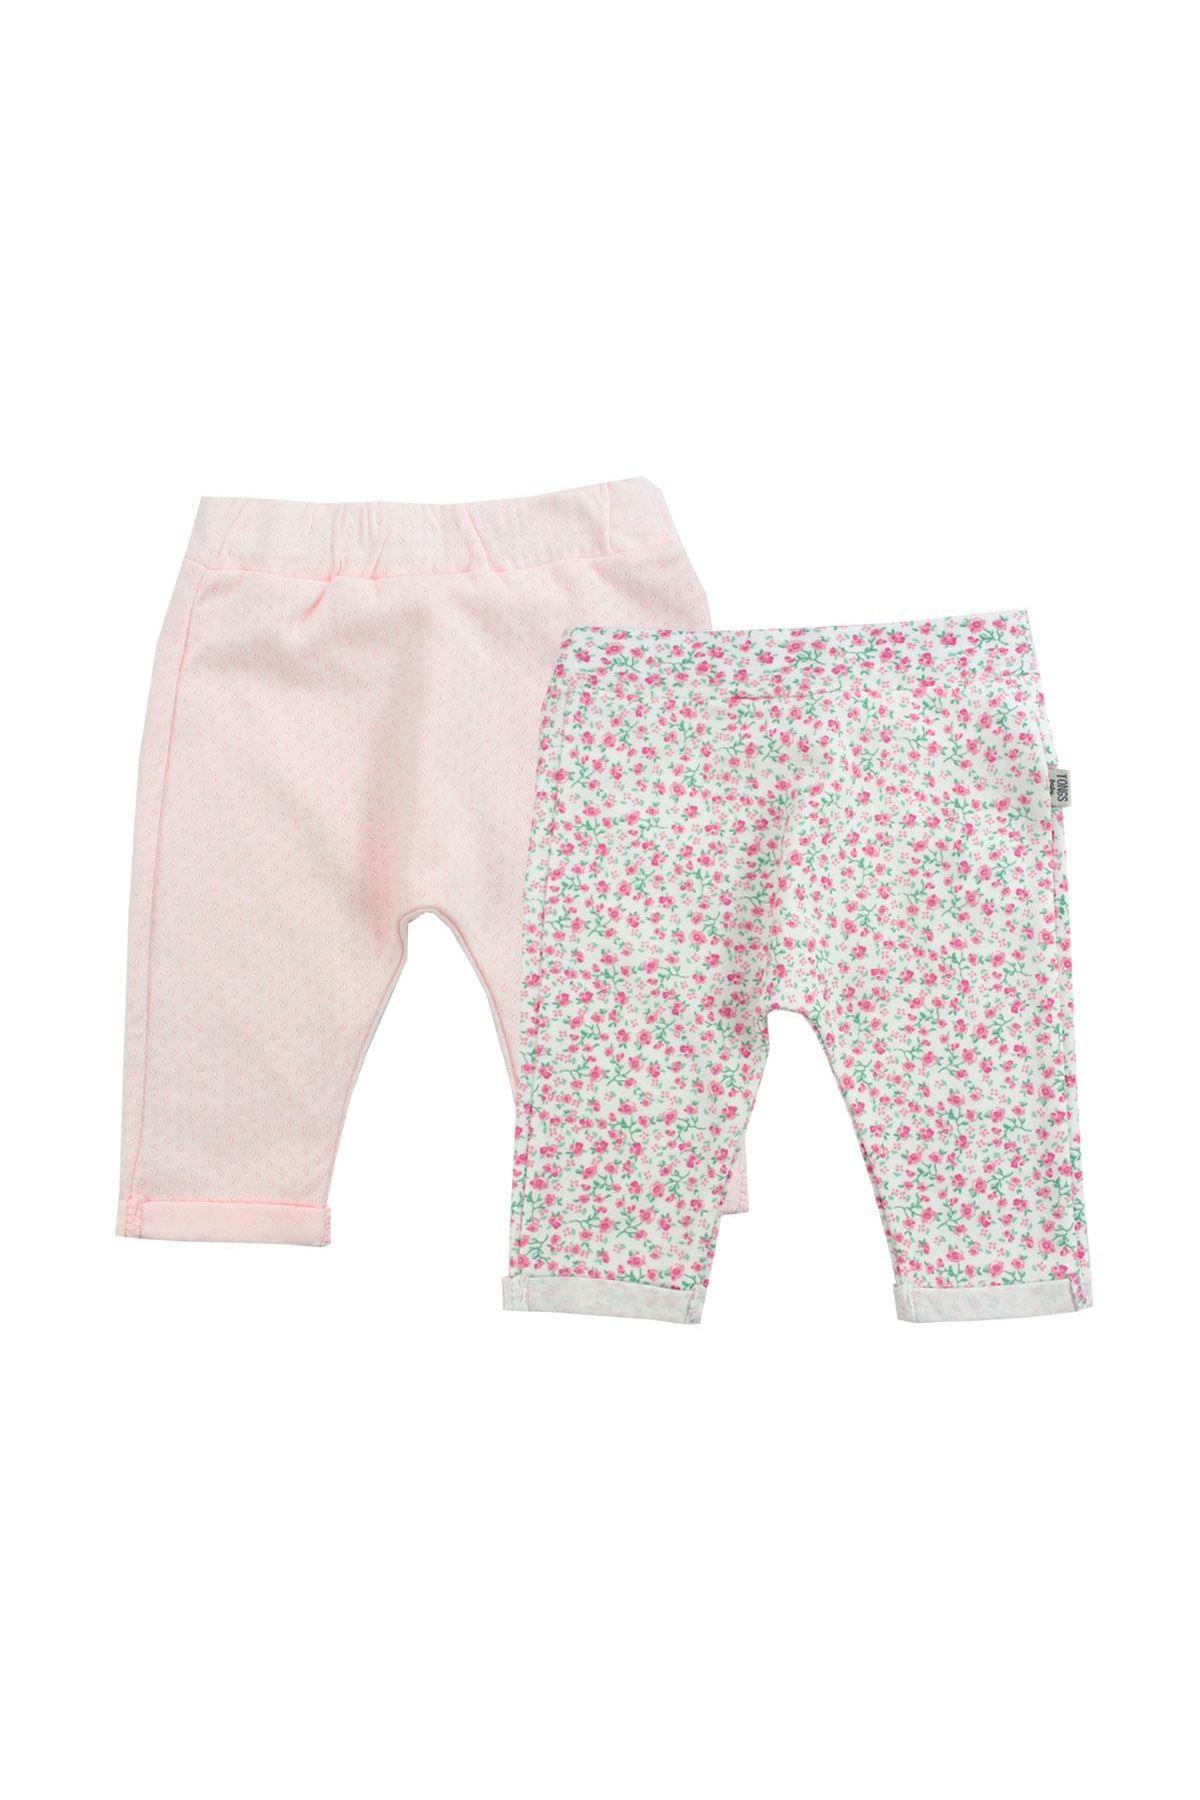 Tongs Baby Mommy Love Tek Alt Pantolon 2498 Somon